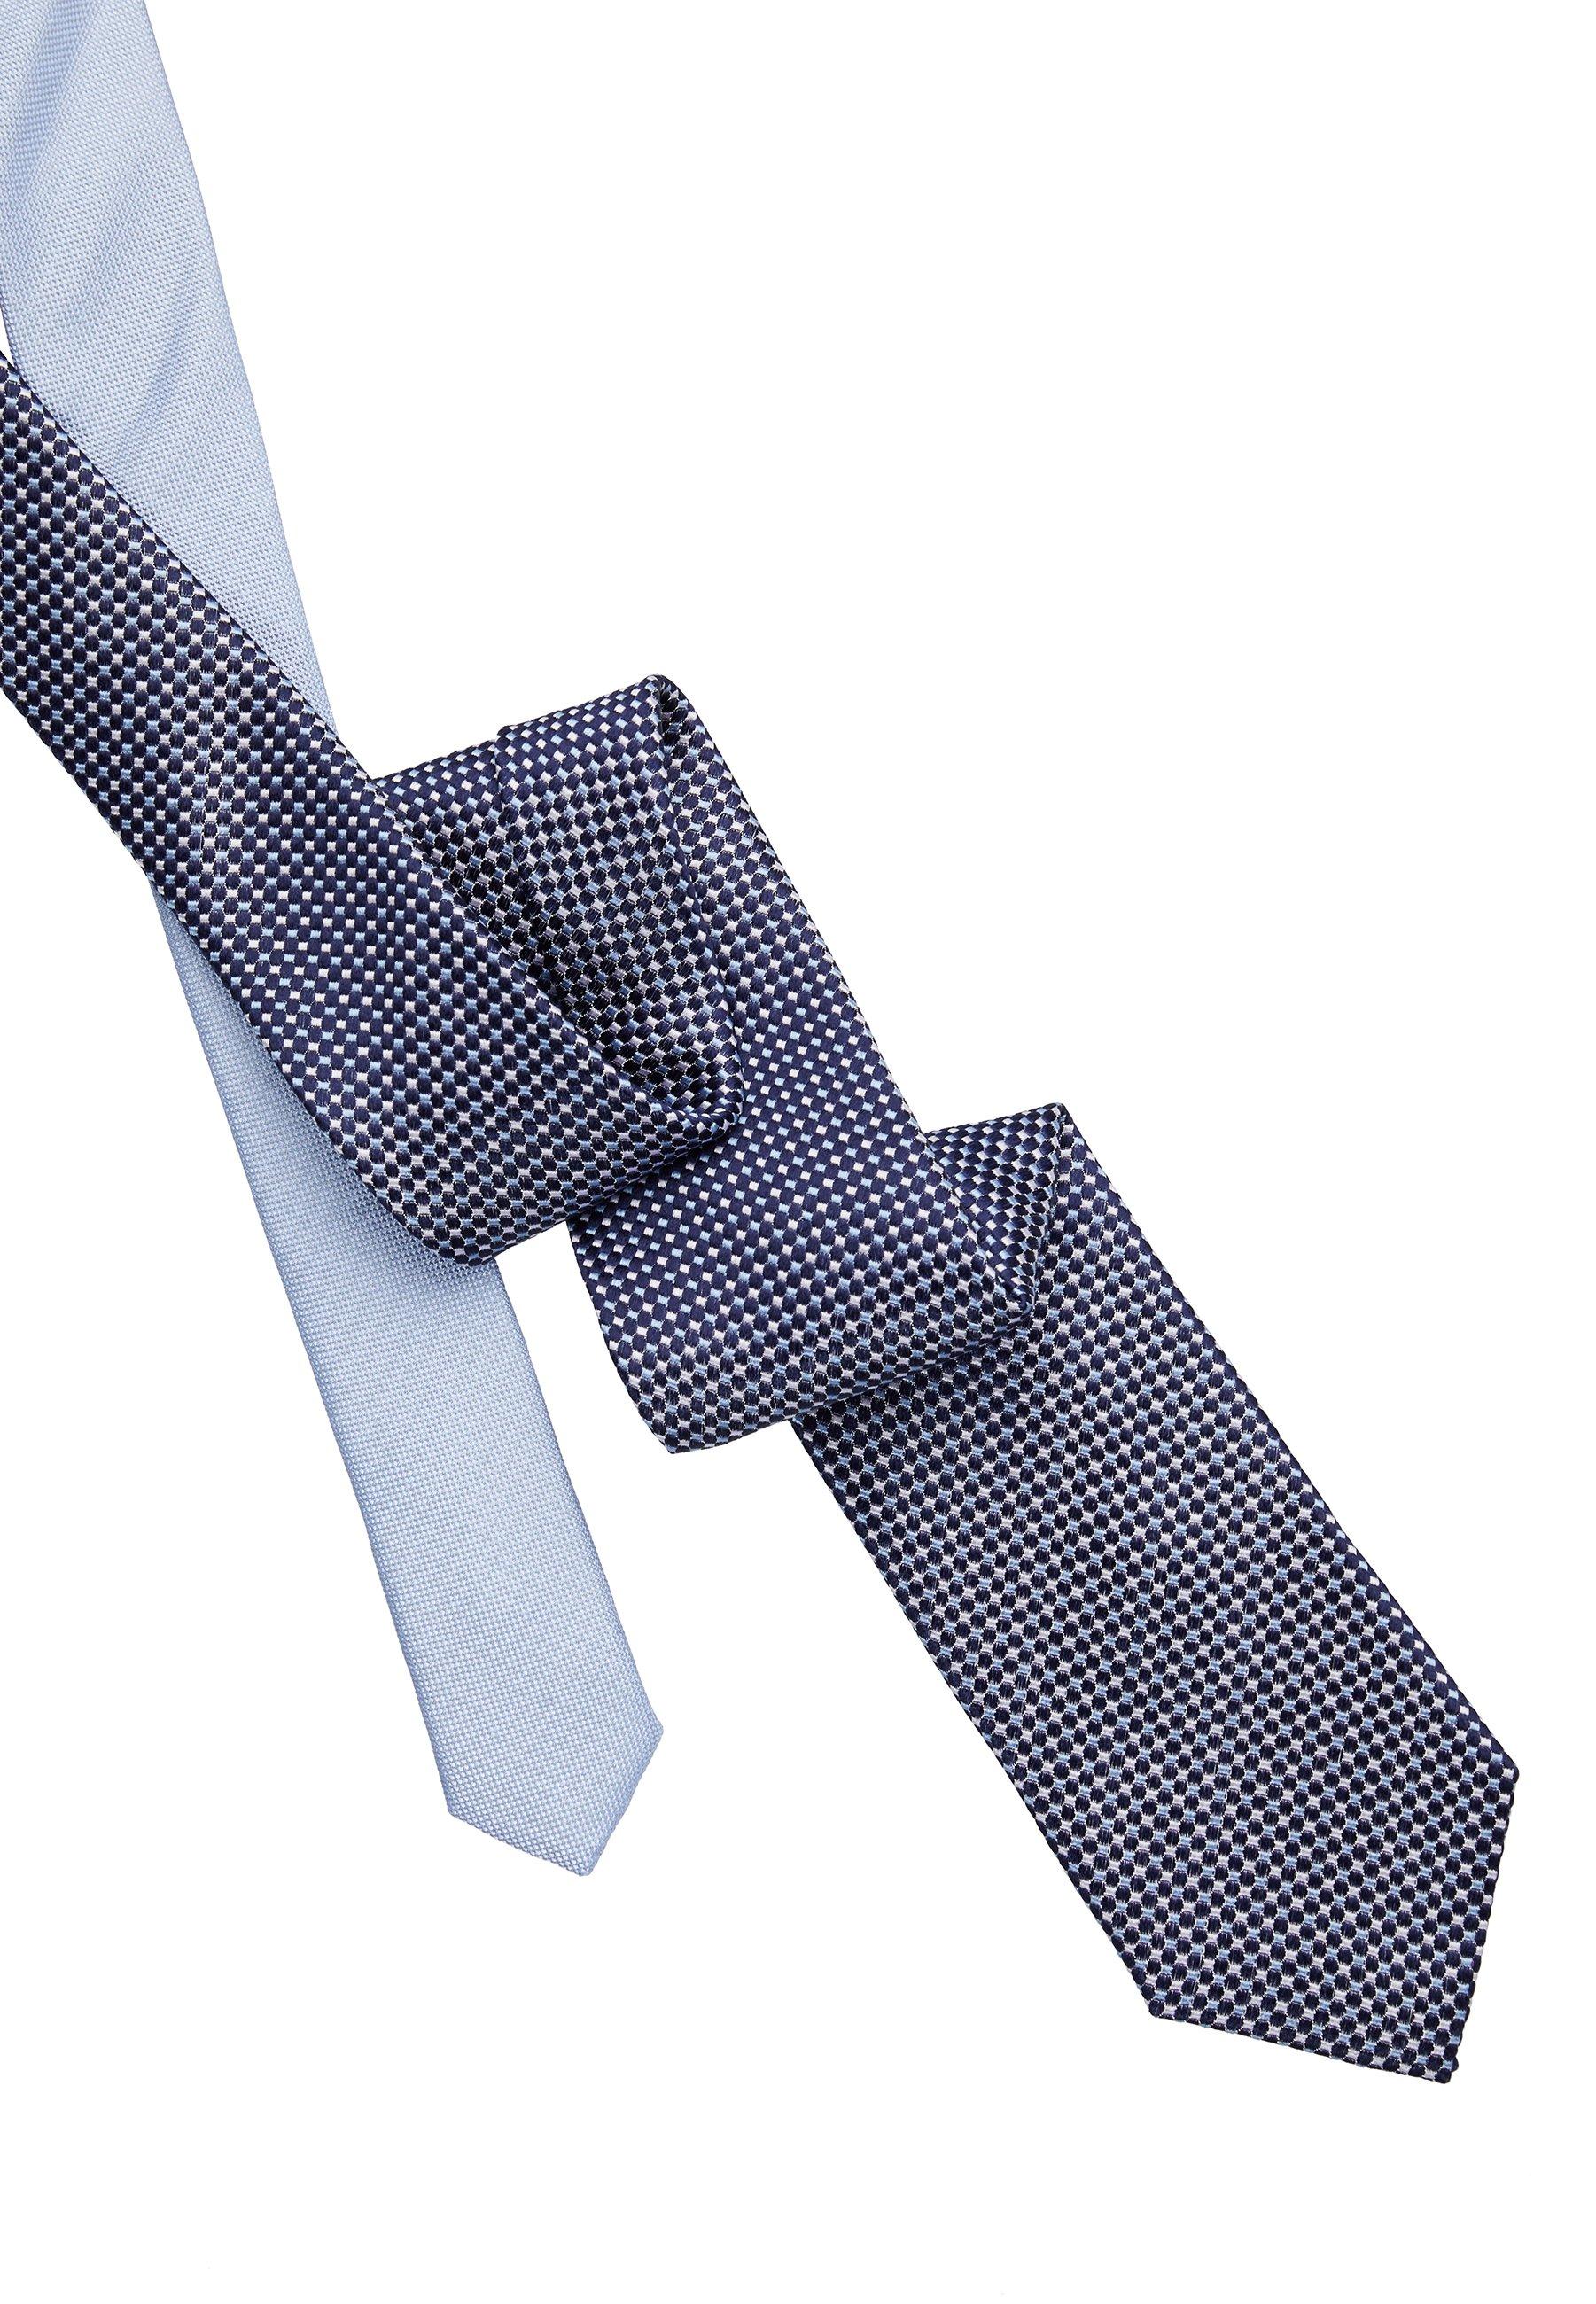 Tommy Hilfiger Micro Design Tie - Slips Blue